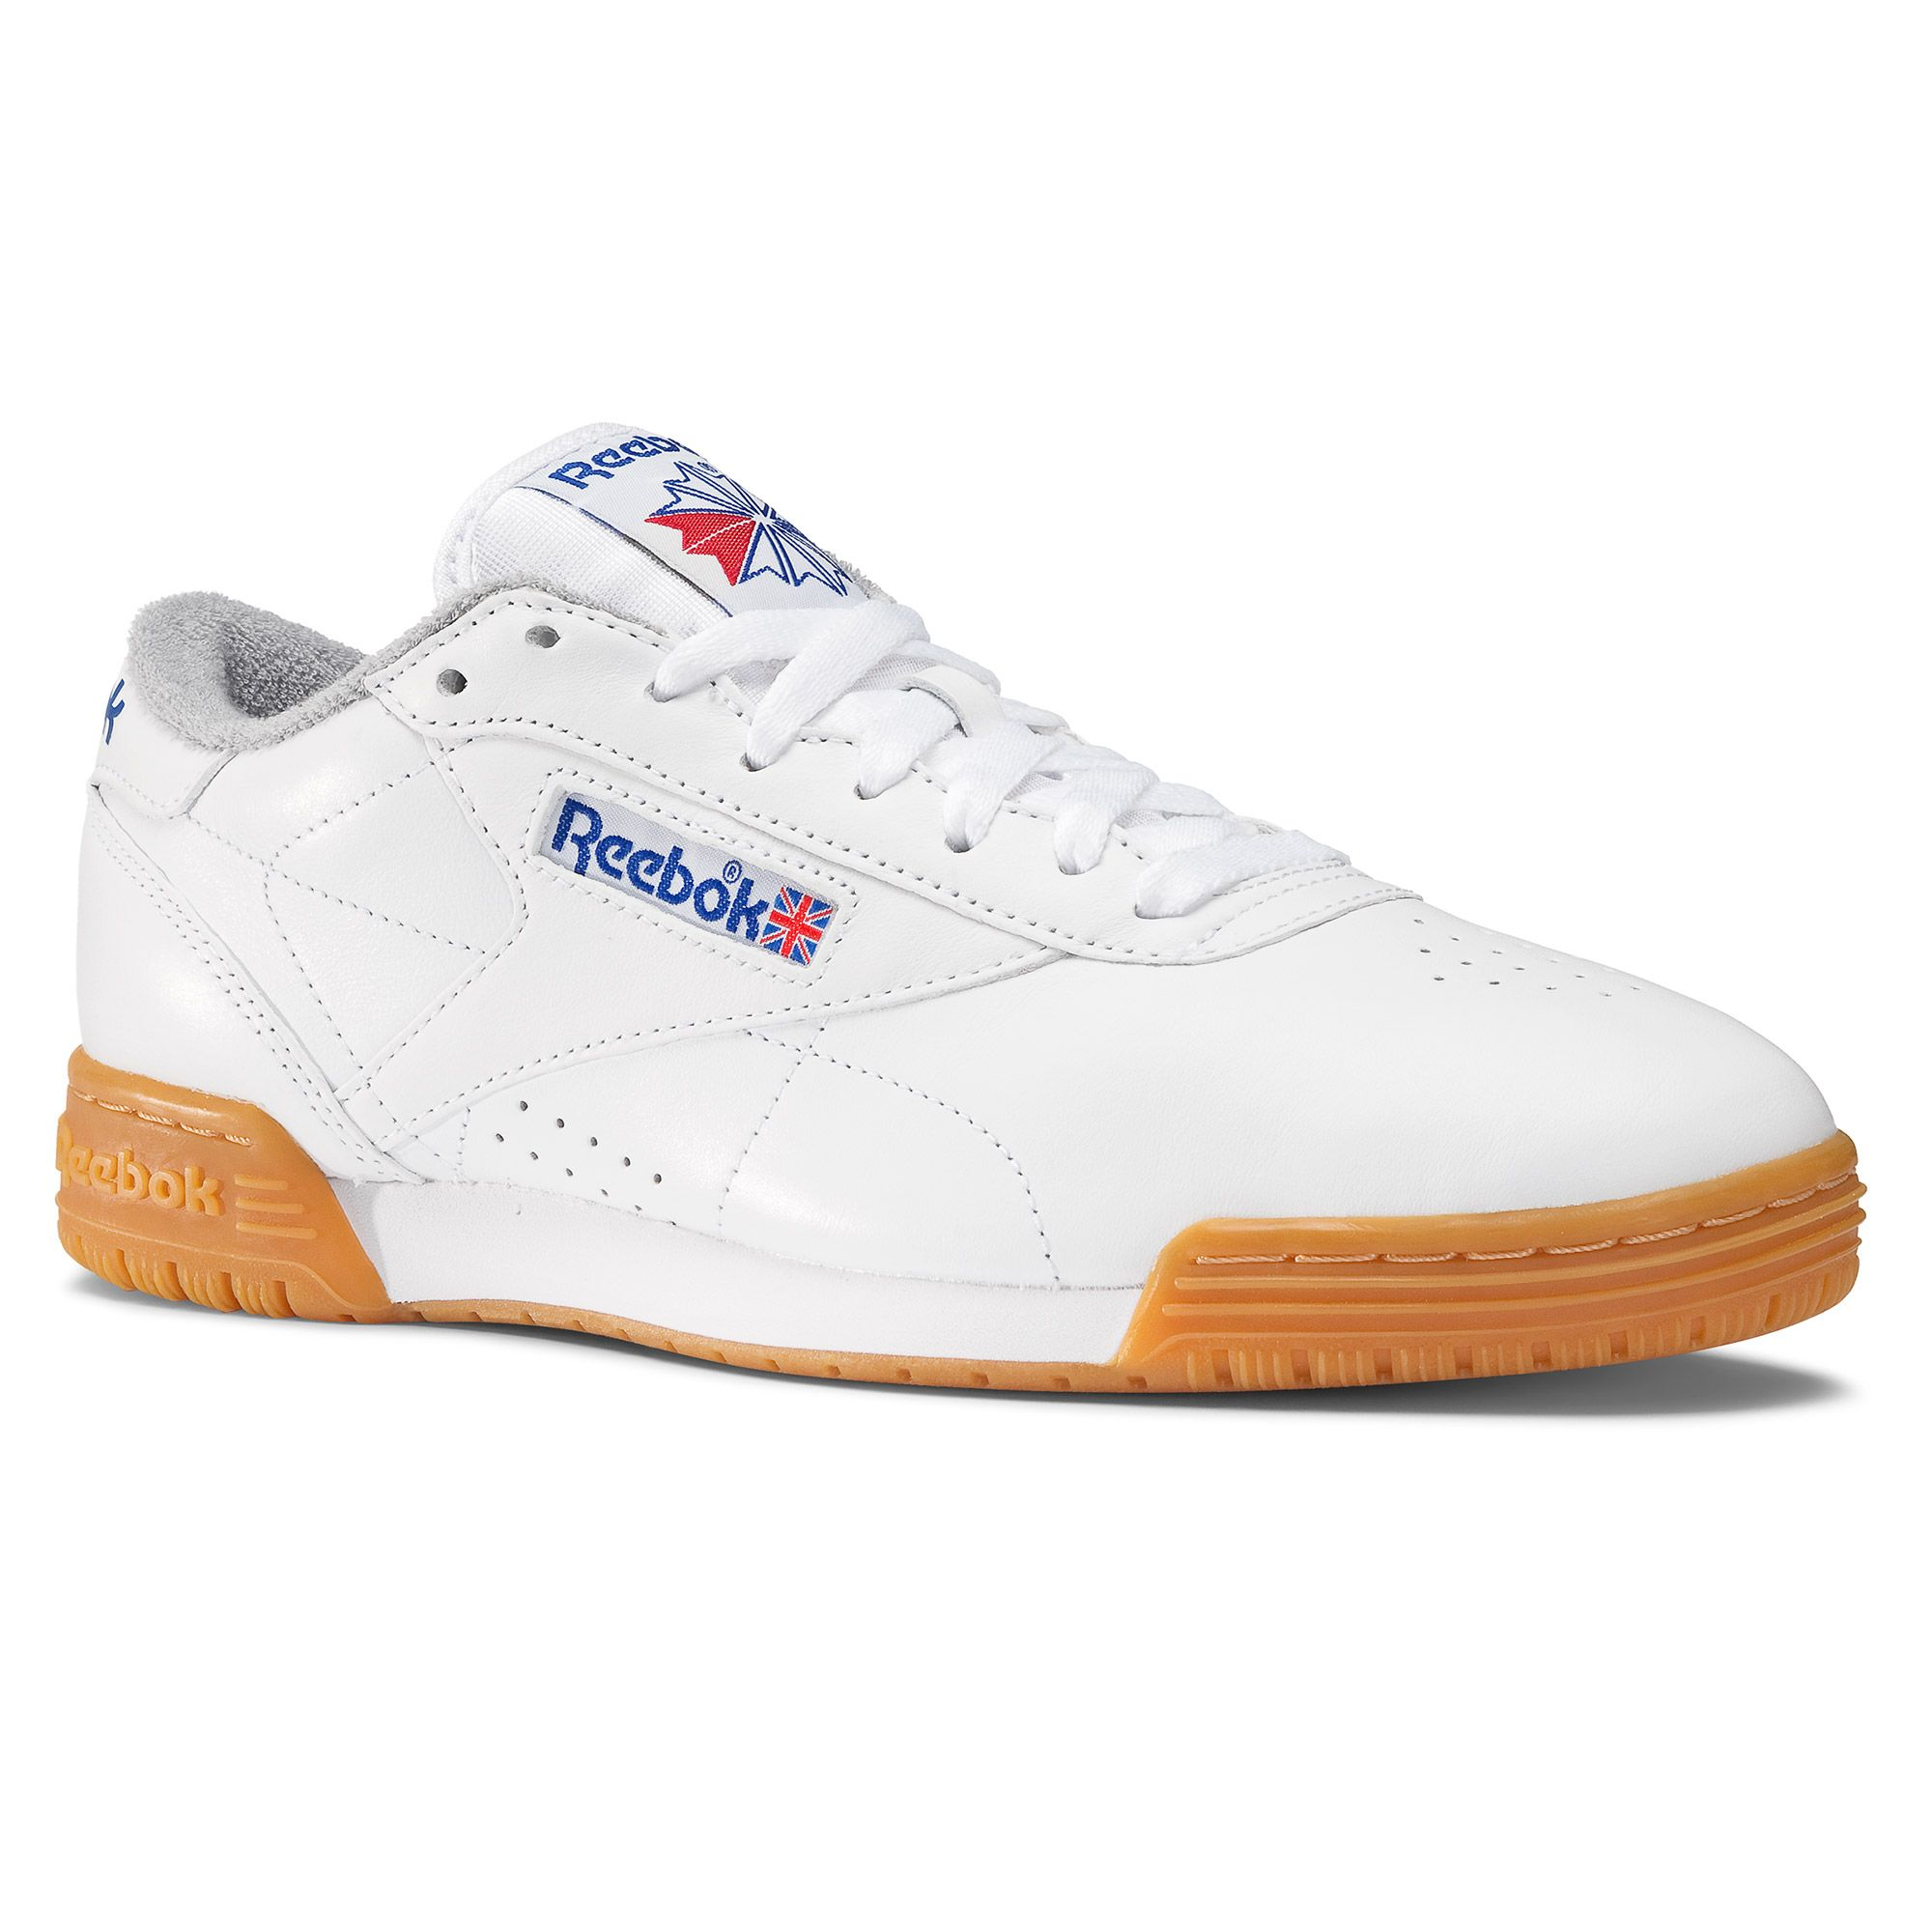 7e054f5292b8a8 Exofit Lo Clean är ett par stilrena sneakers med lågt skaft ...